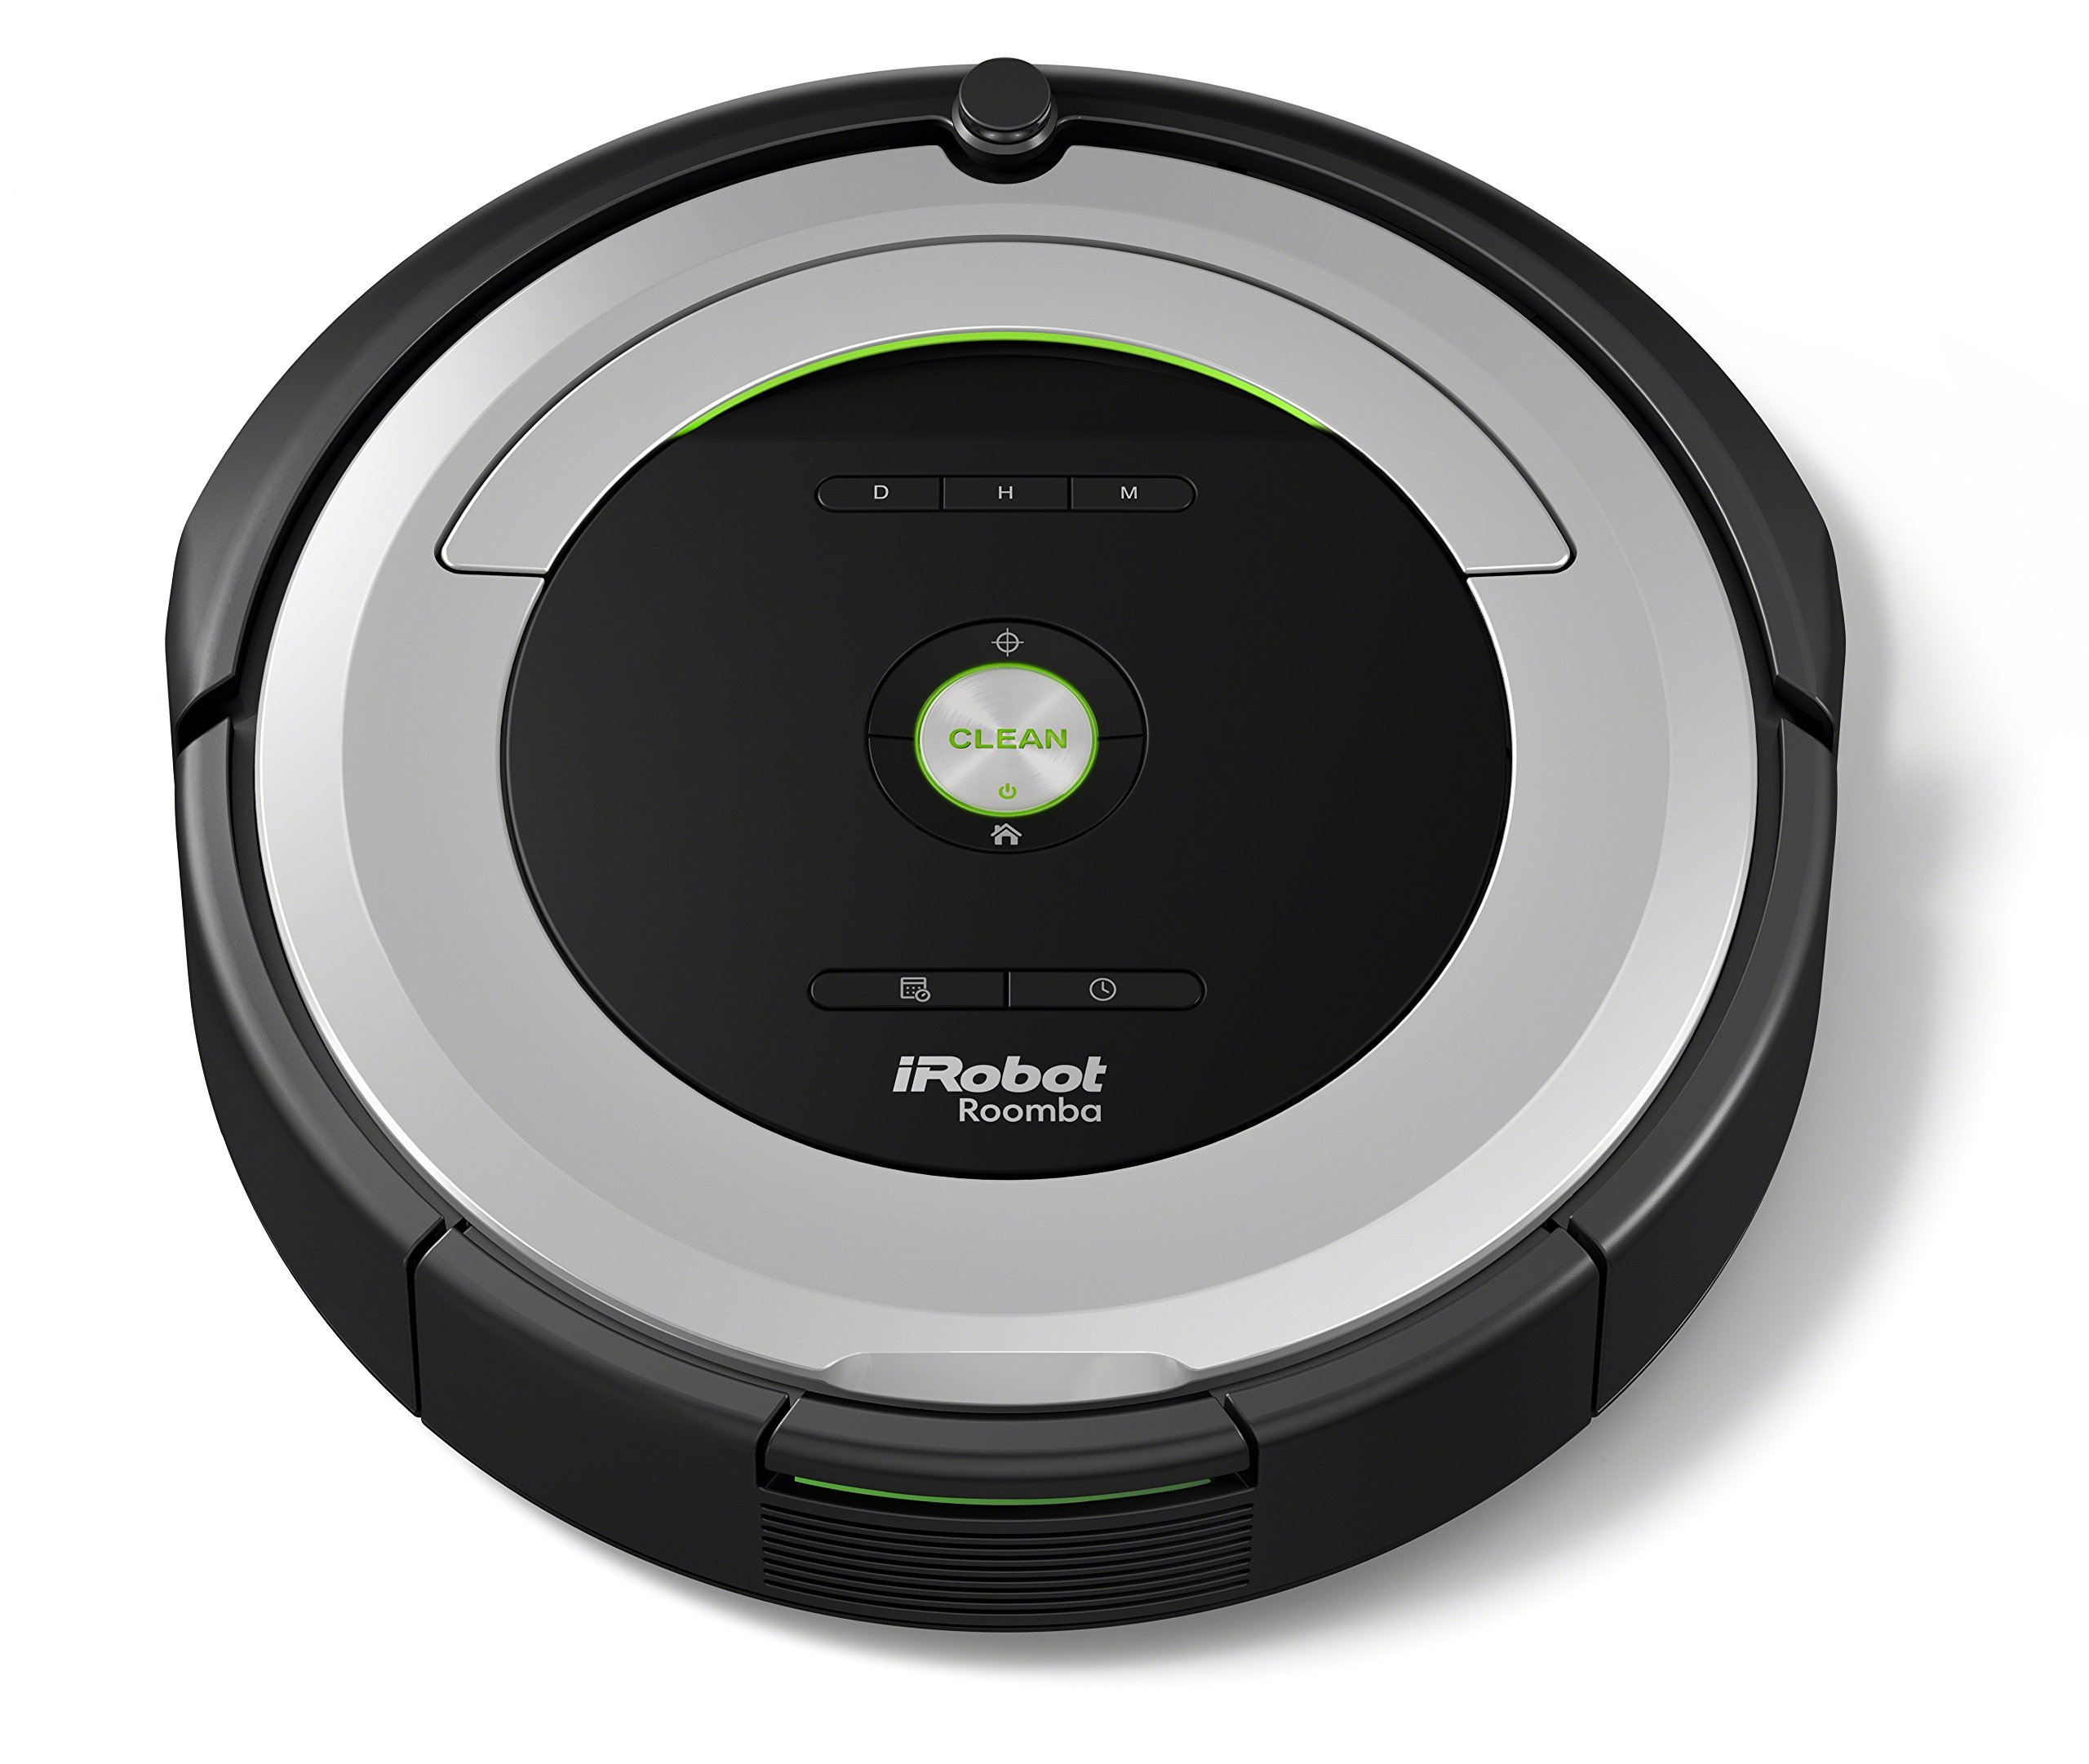 iRobot Roomba 680 Saugroboter für Hartböden und Teppiche mit Dirt Detect